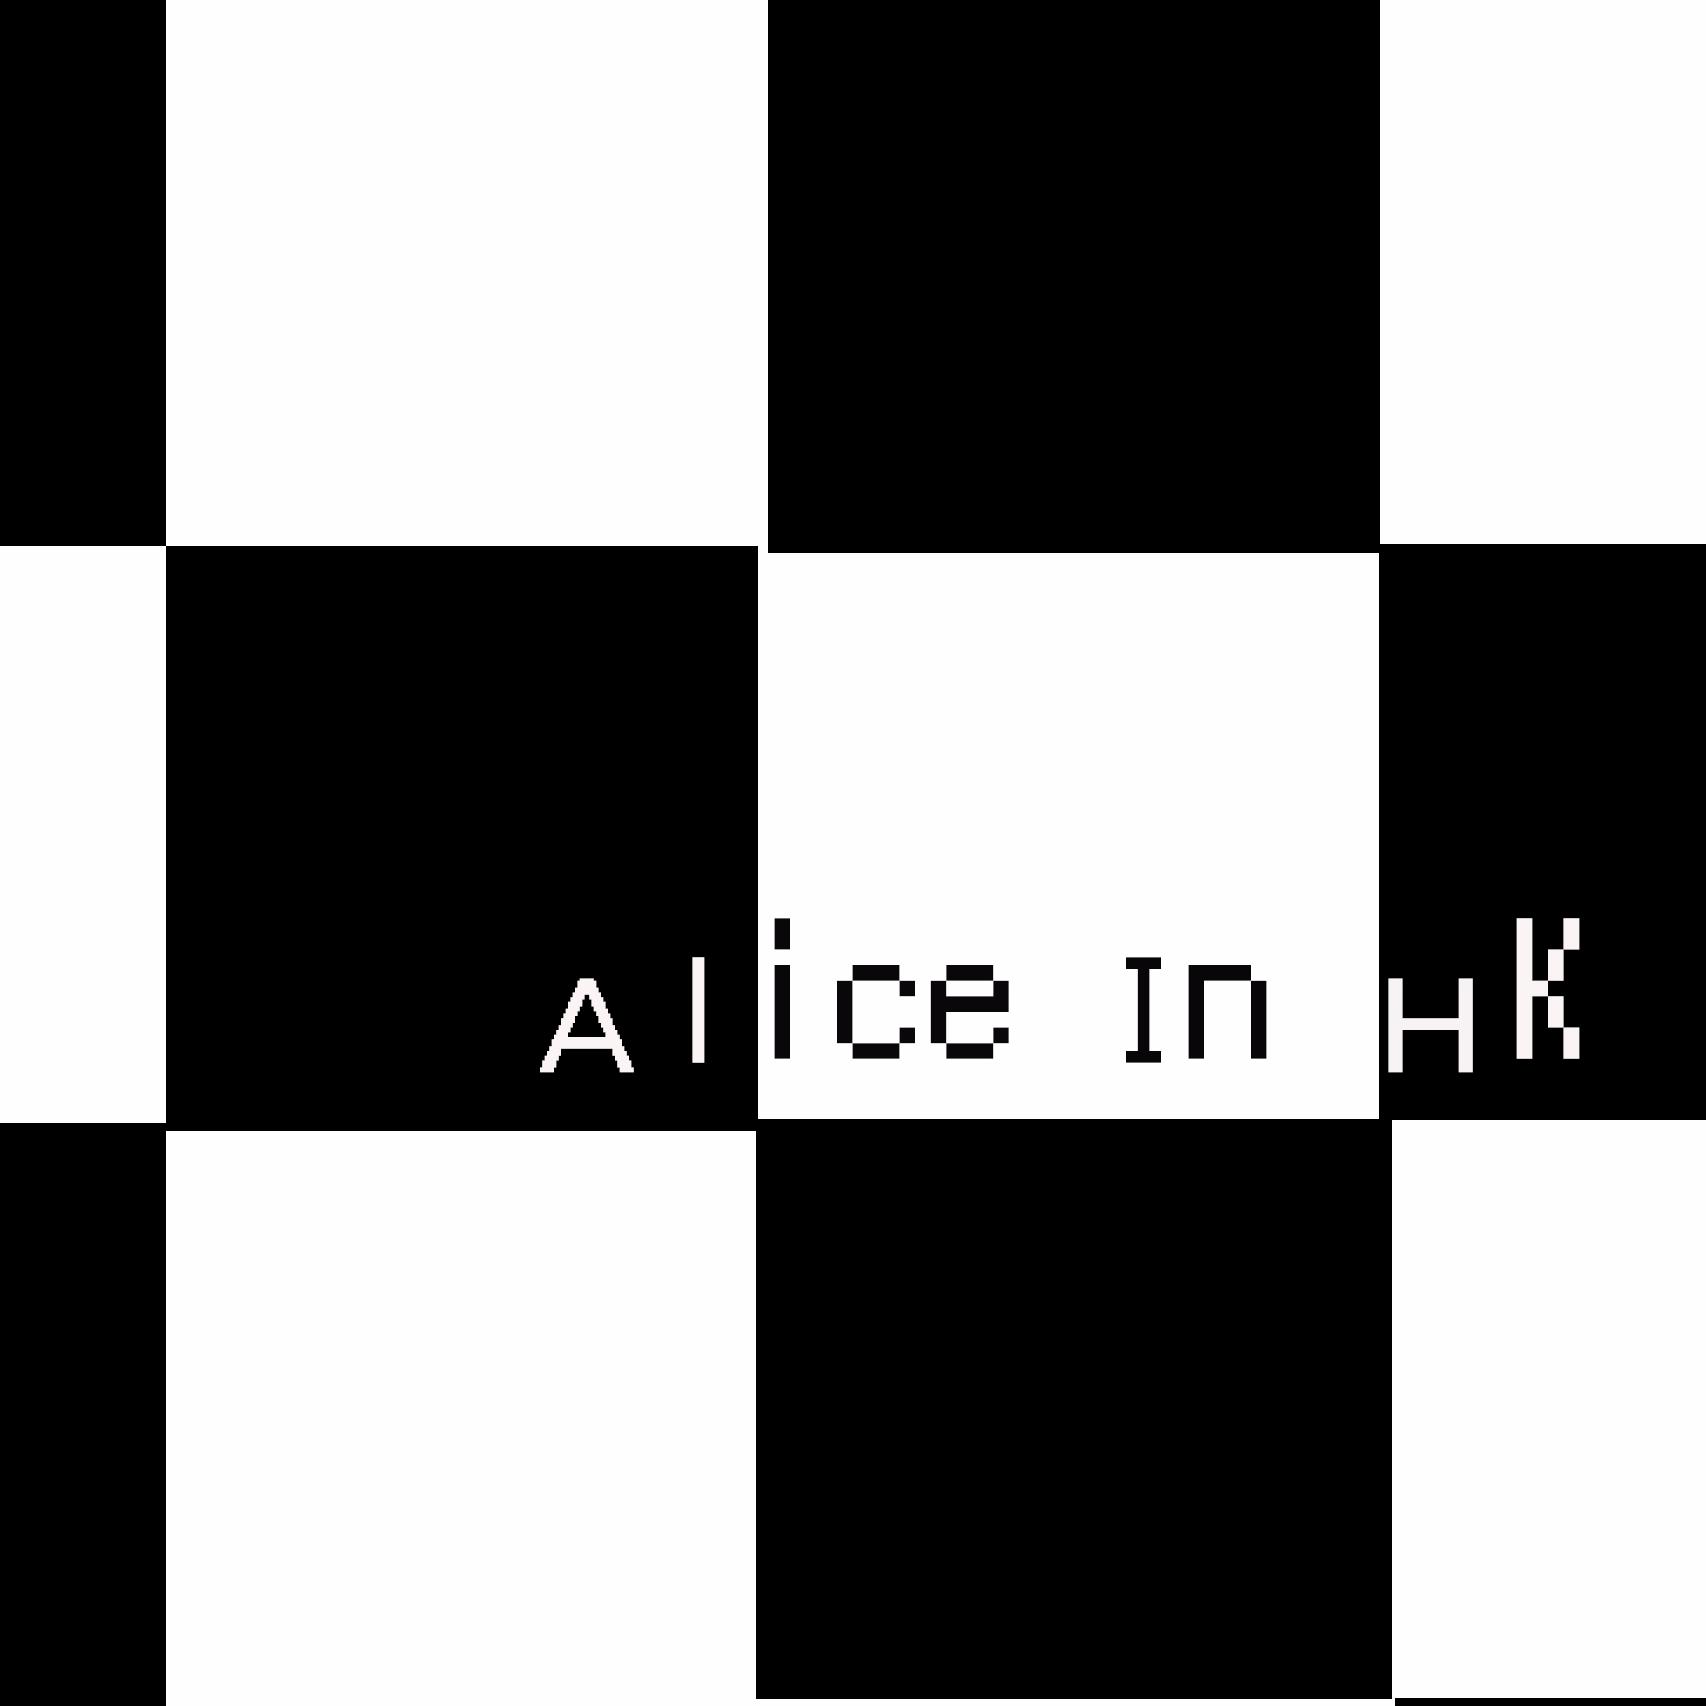 Alice in HK